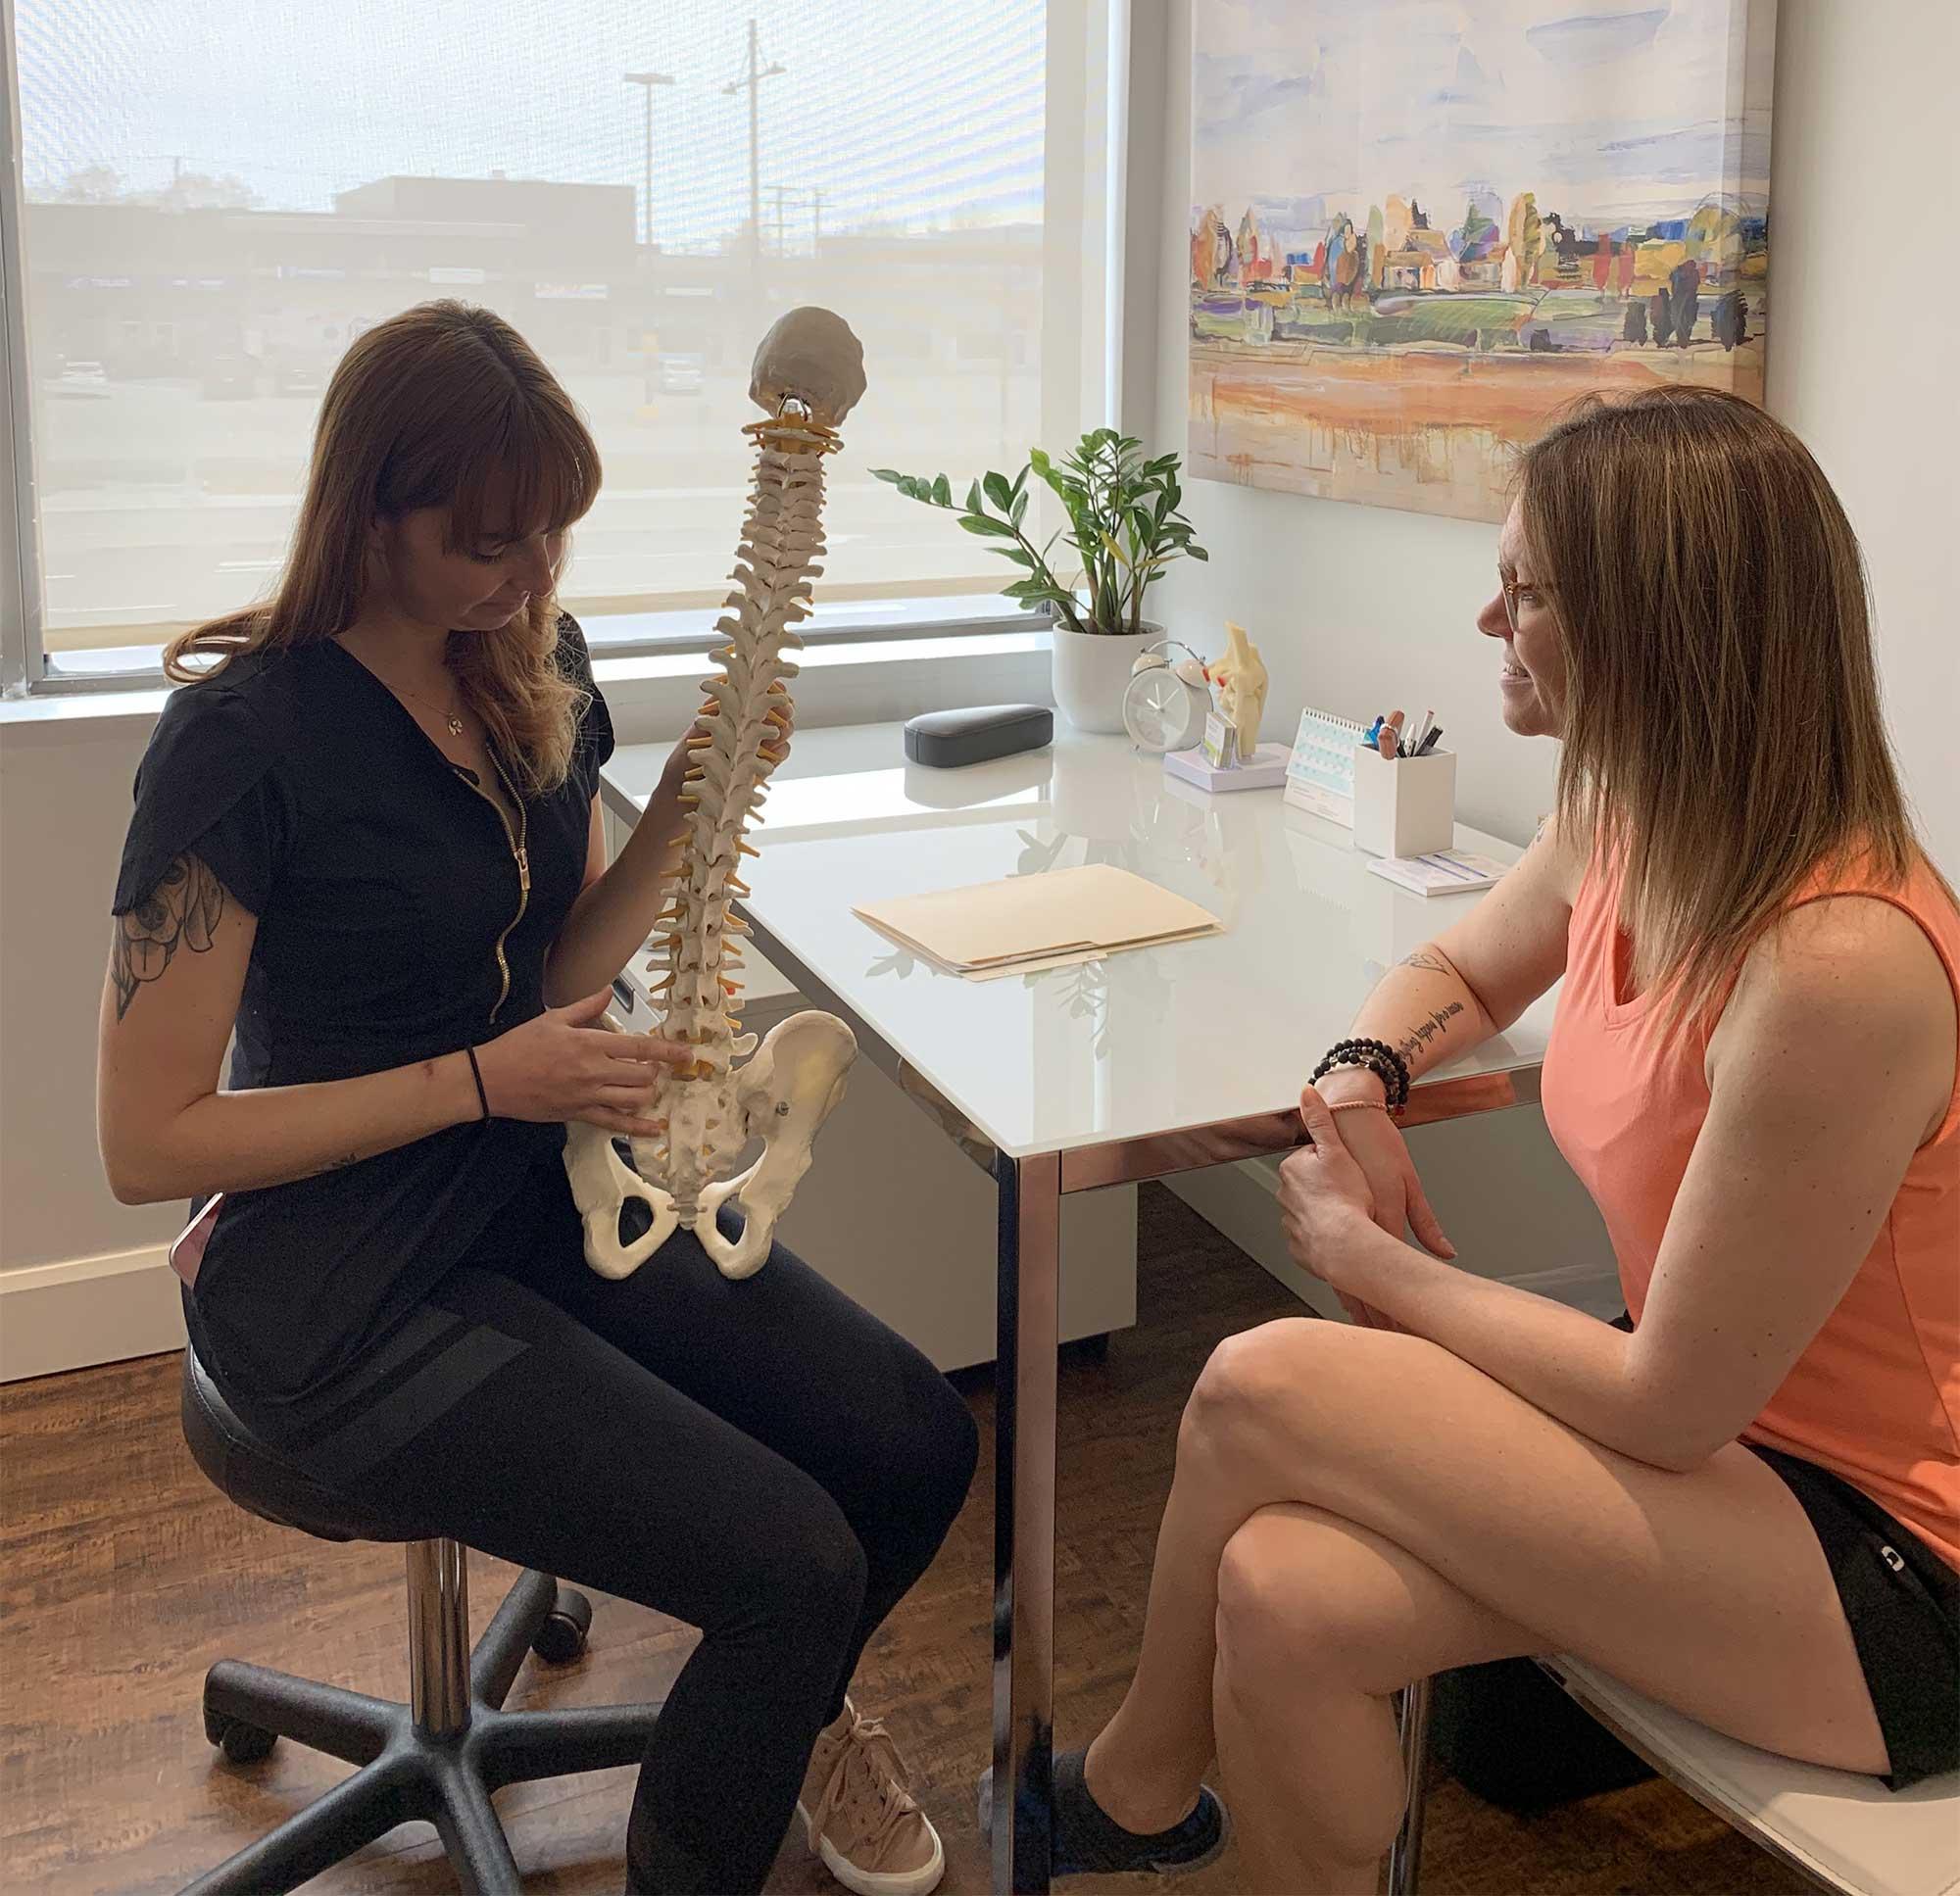 Un chiropraticien ça fait quoi au juste?